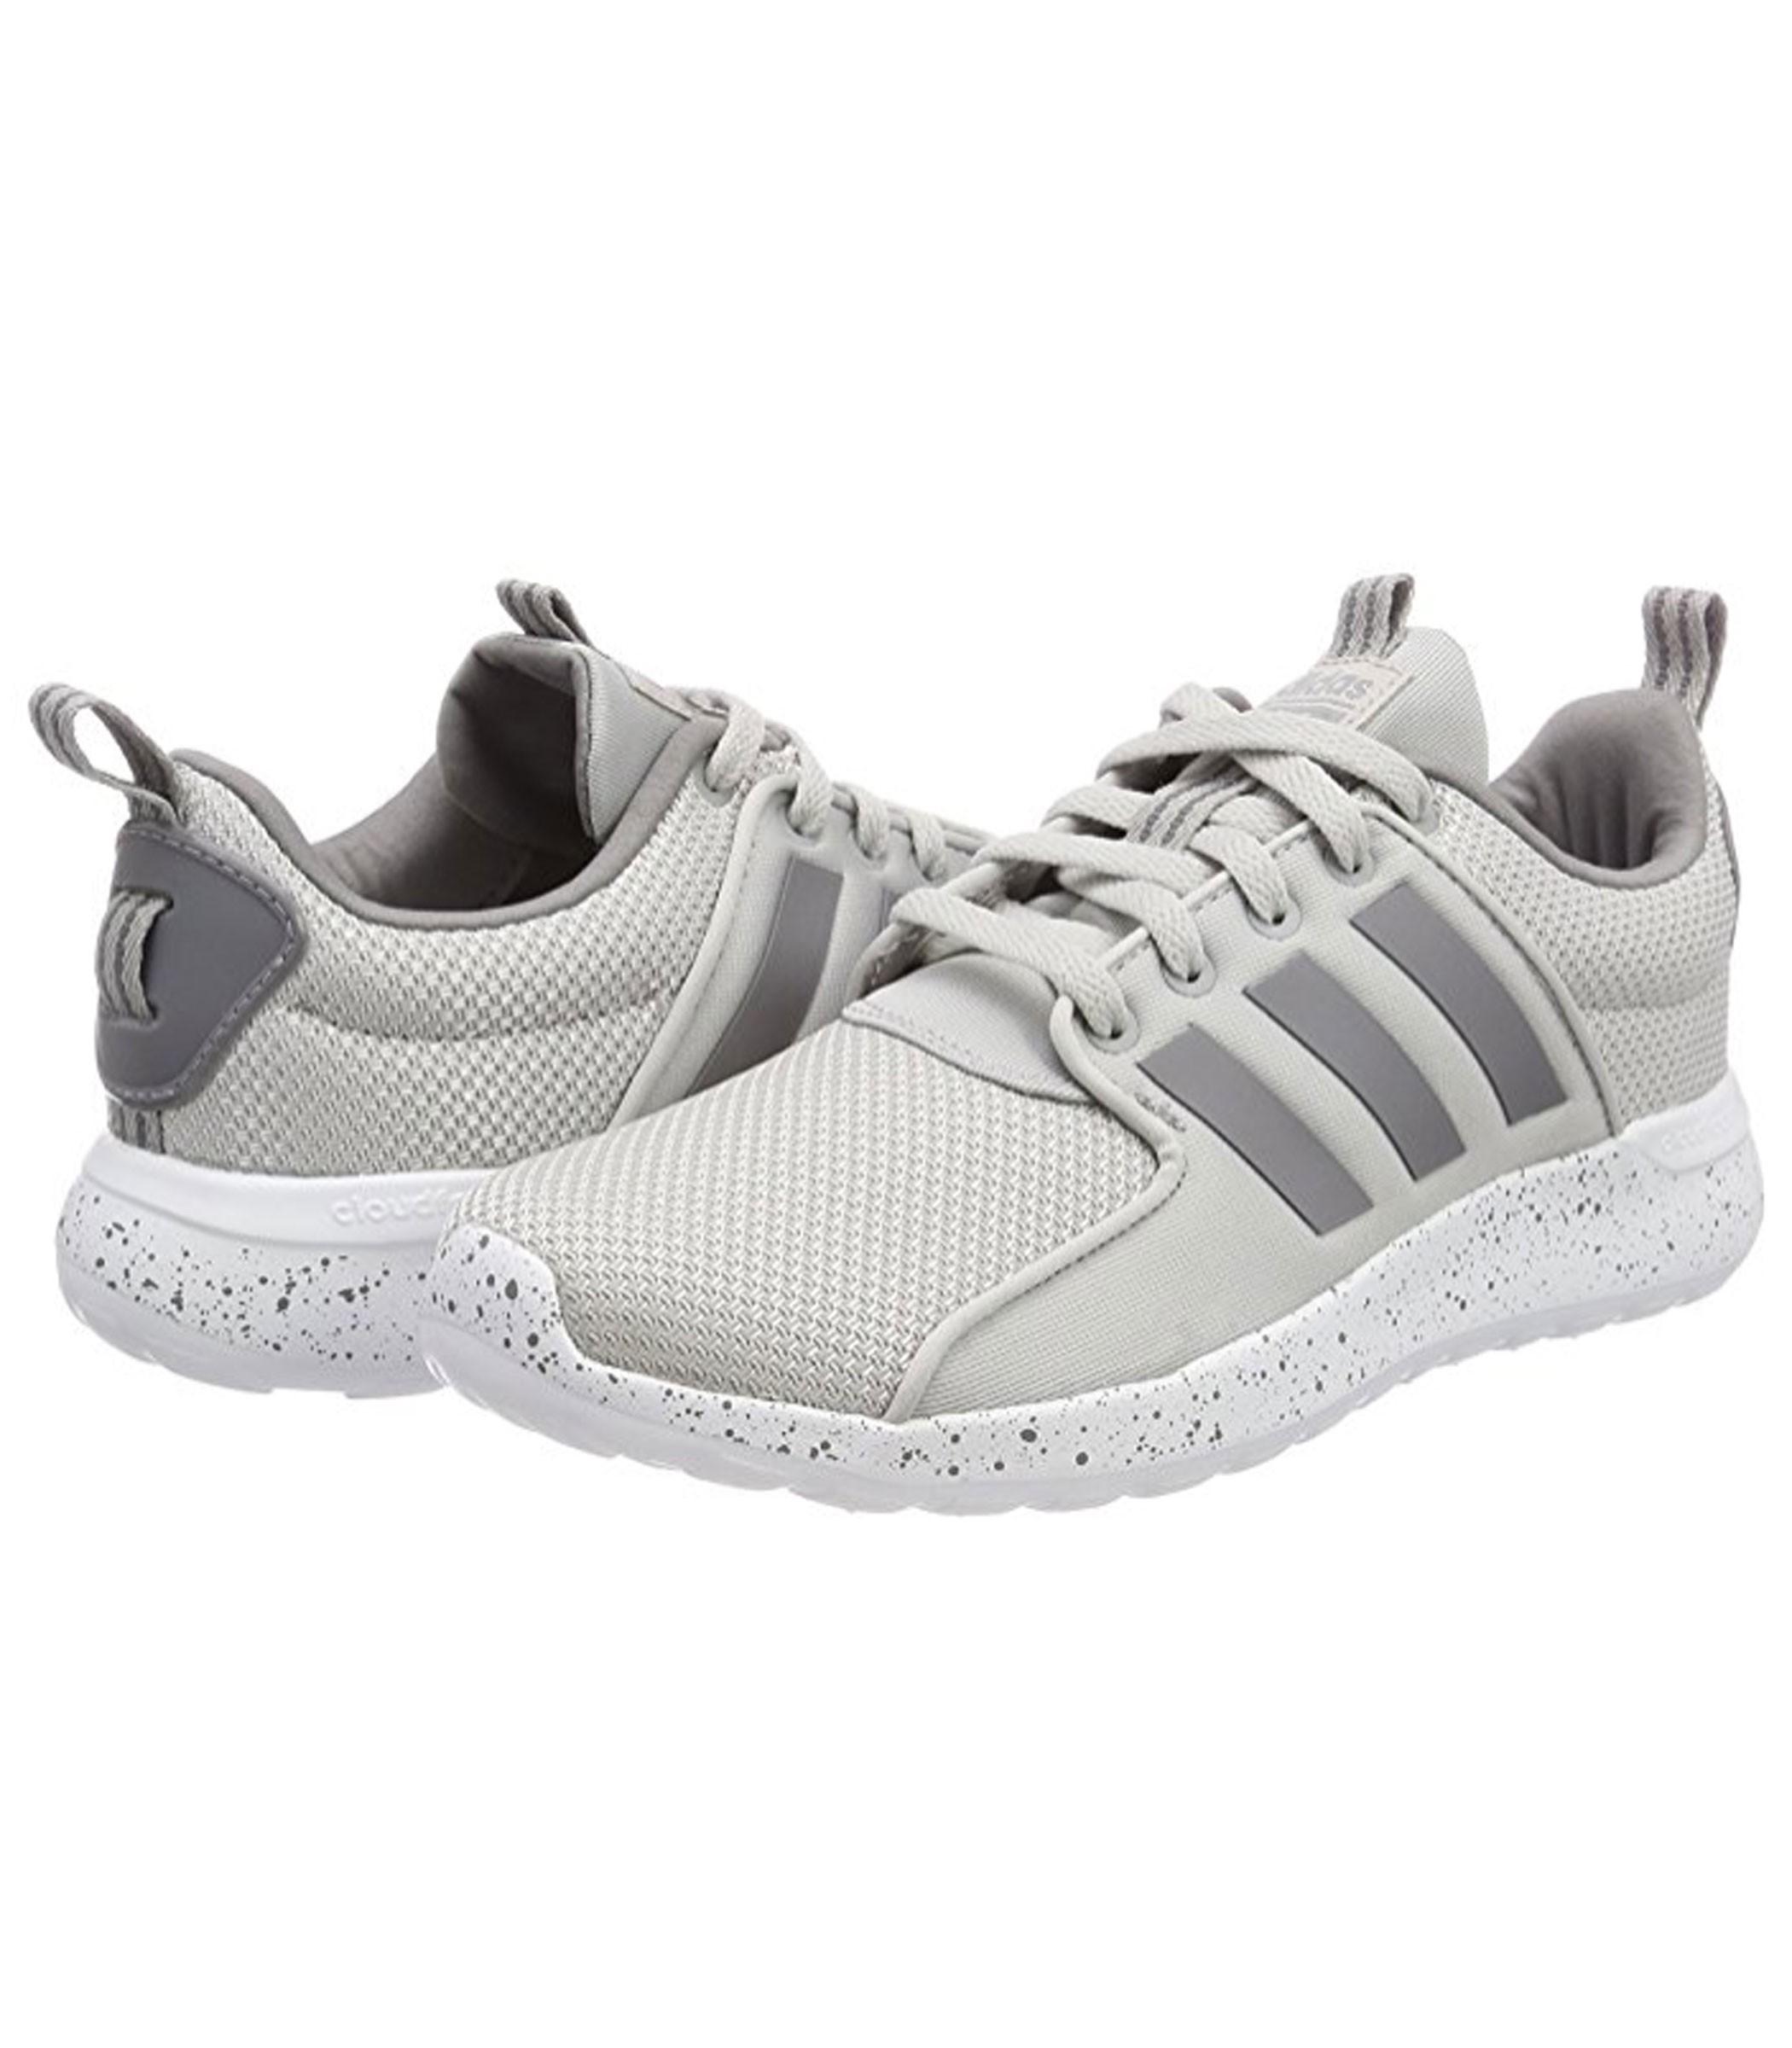 official photos 54222 1d1a0 Scarpe Sneakers Running Adidas CF Cloudfoam Lite Racer rif. DA9840 -  zukunftsfee.info